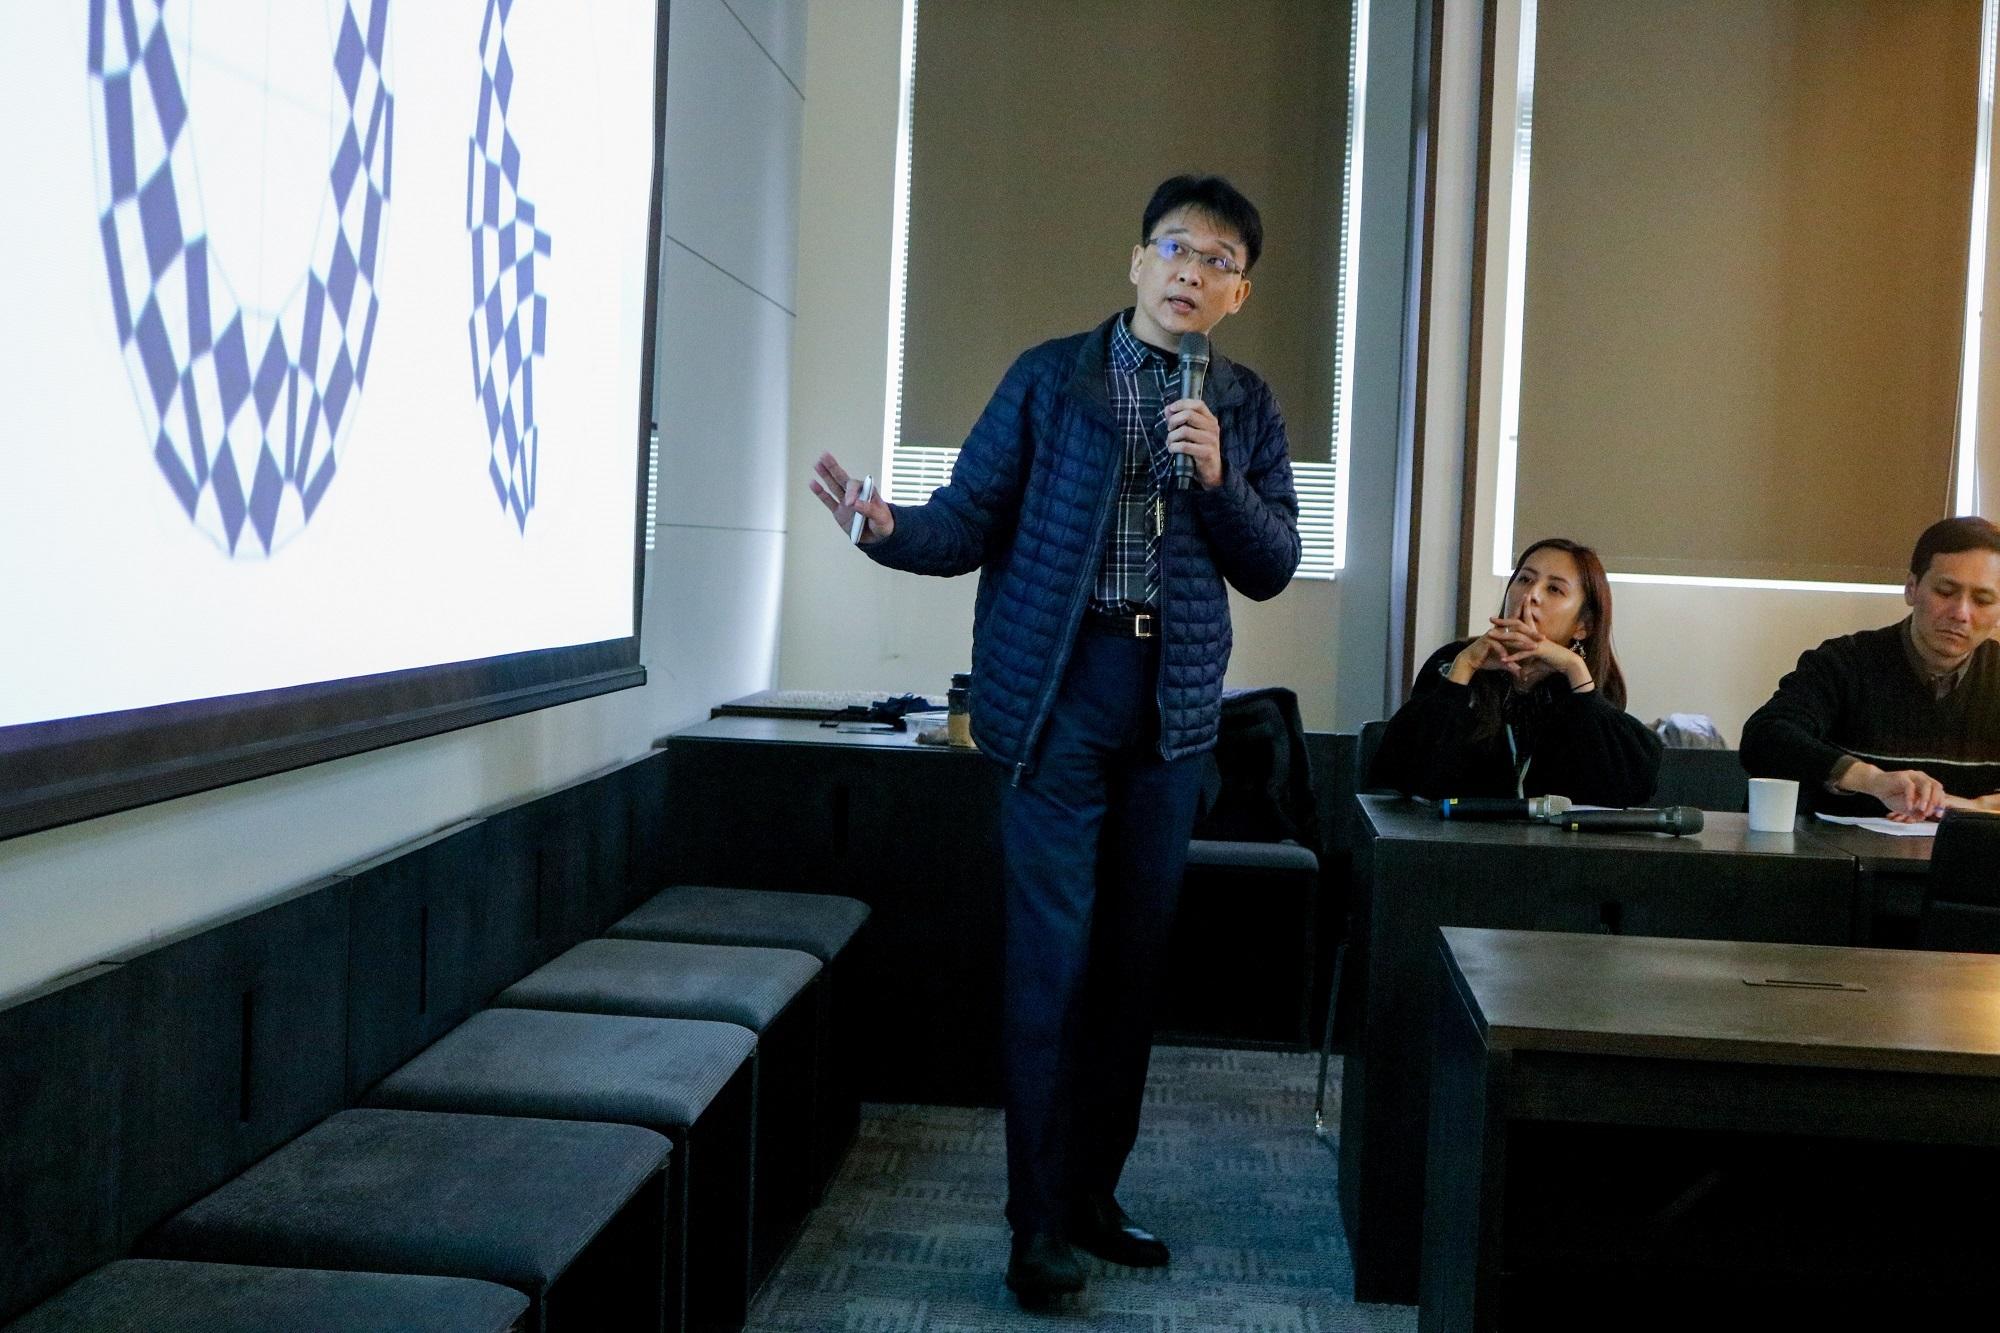 【數學跨域美感教育增能講座】主講人:謝佳叡老師國立臺北教育大學